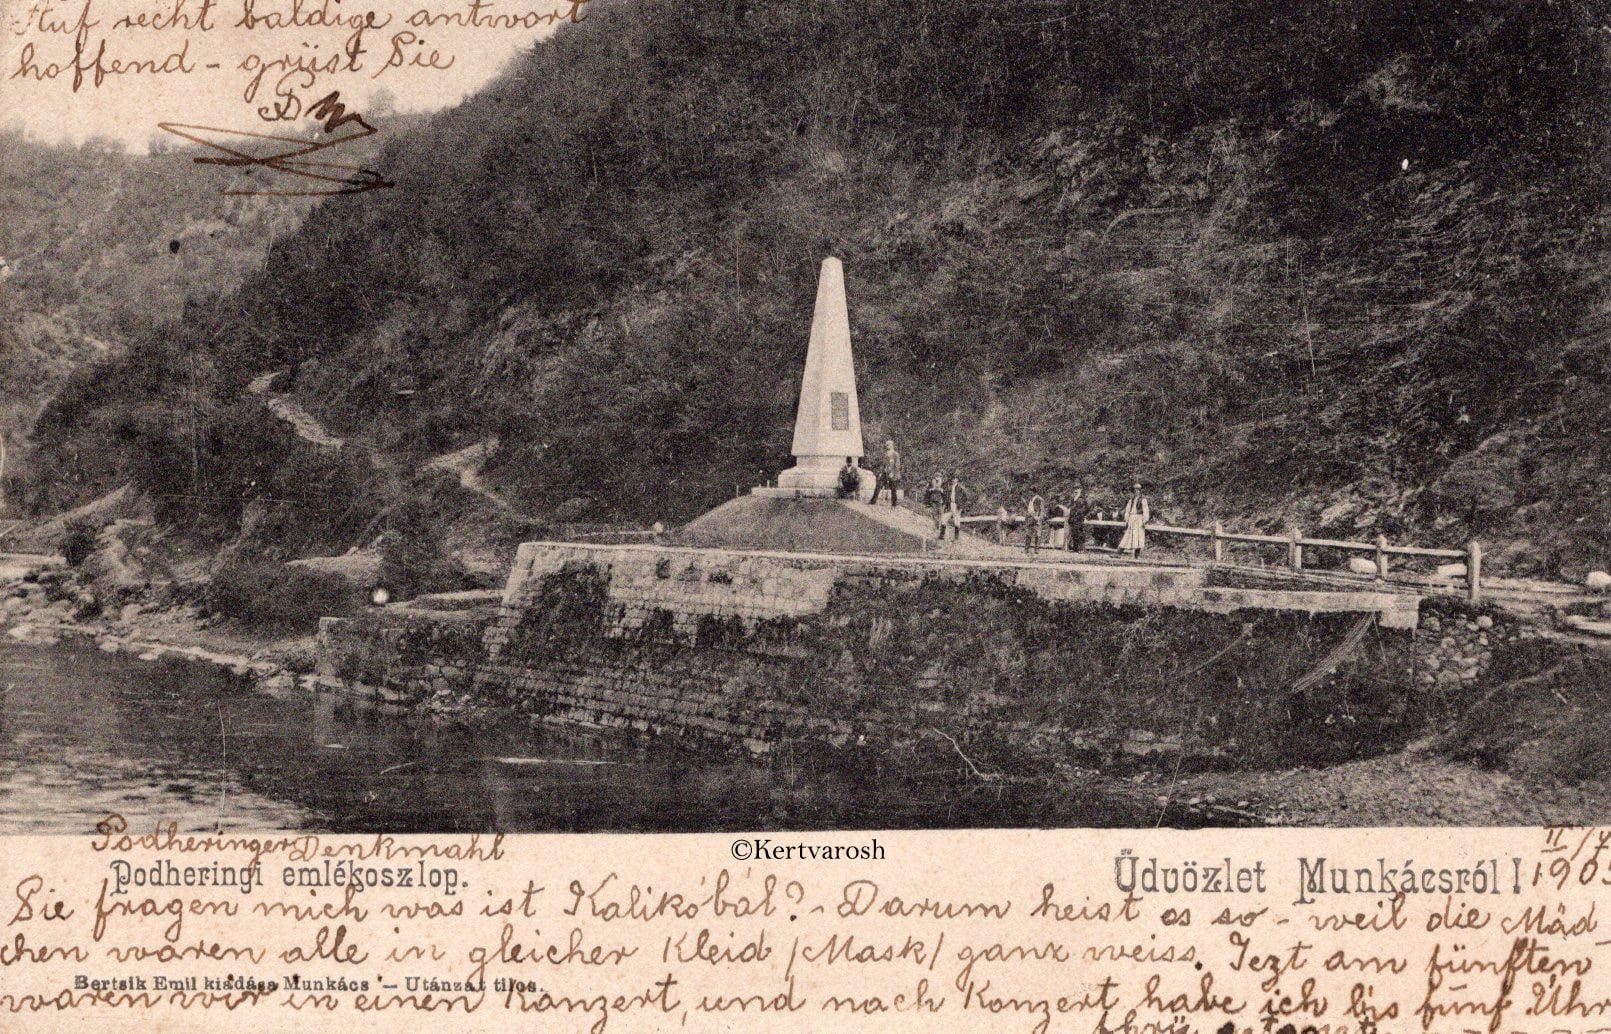 Мова йде про пам'ятник встановлений на околиці села Підгоряни (сьогодні частина Мукачева) біля підніжжя гори Сороча.